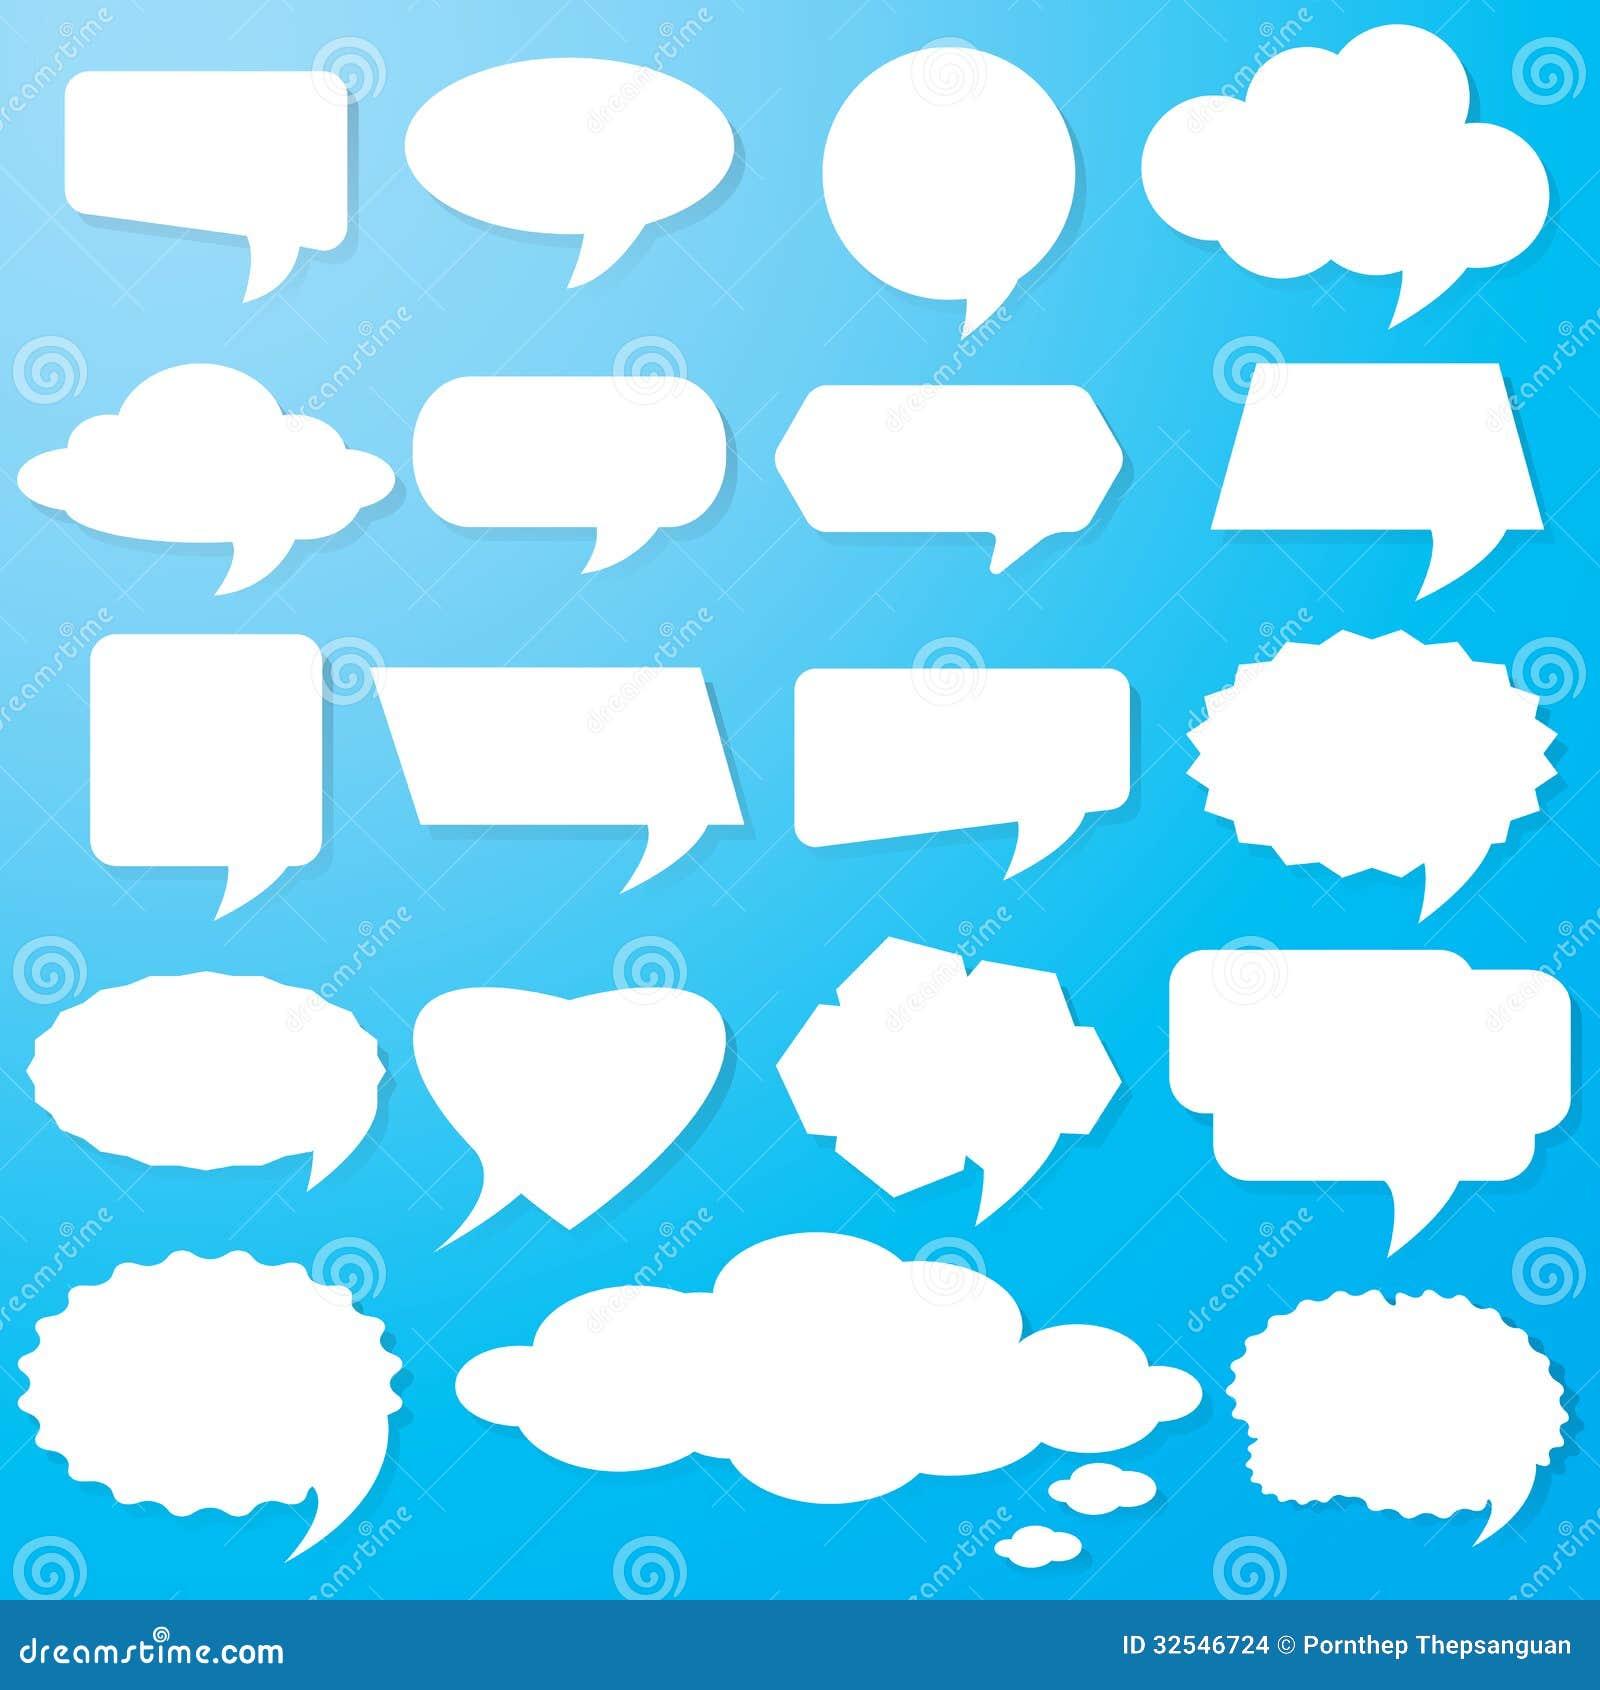 Action Bubble Clip Art Empty speech bubbles paper on